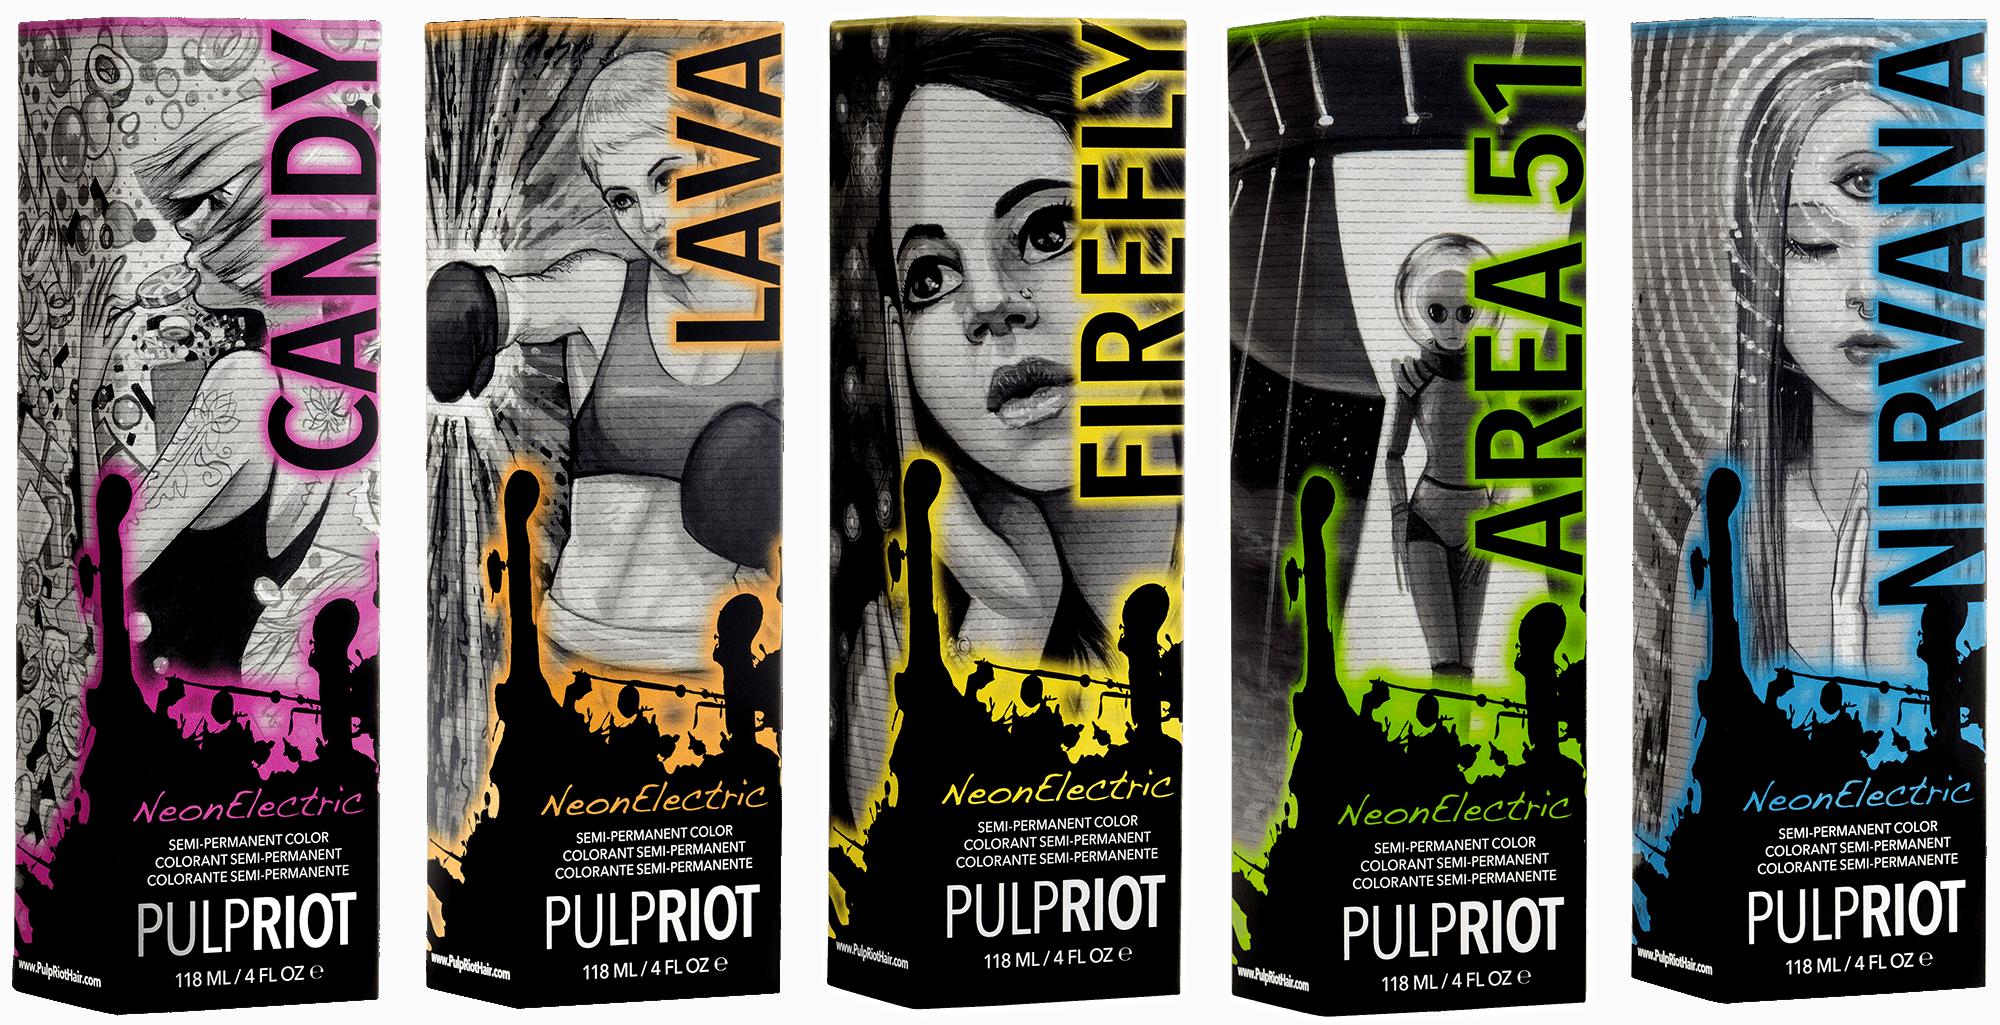 pulp - L'Oréal compra marca de coloración Pulp Riot